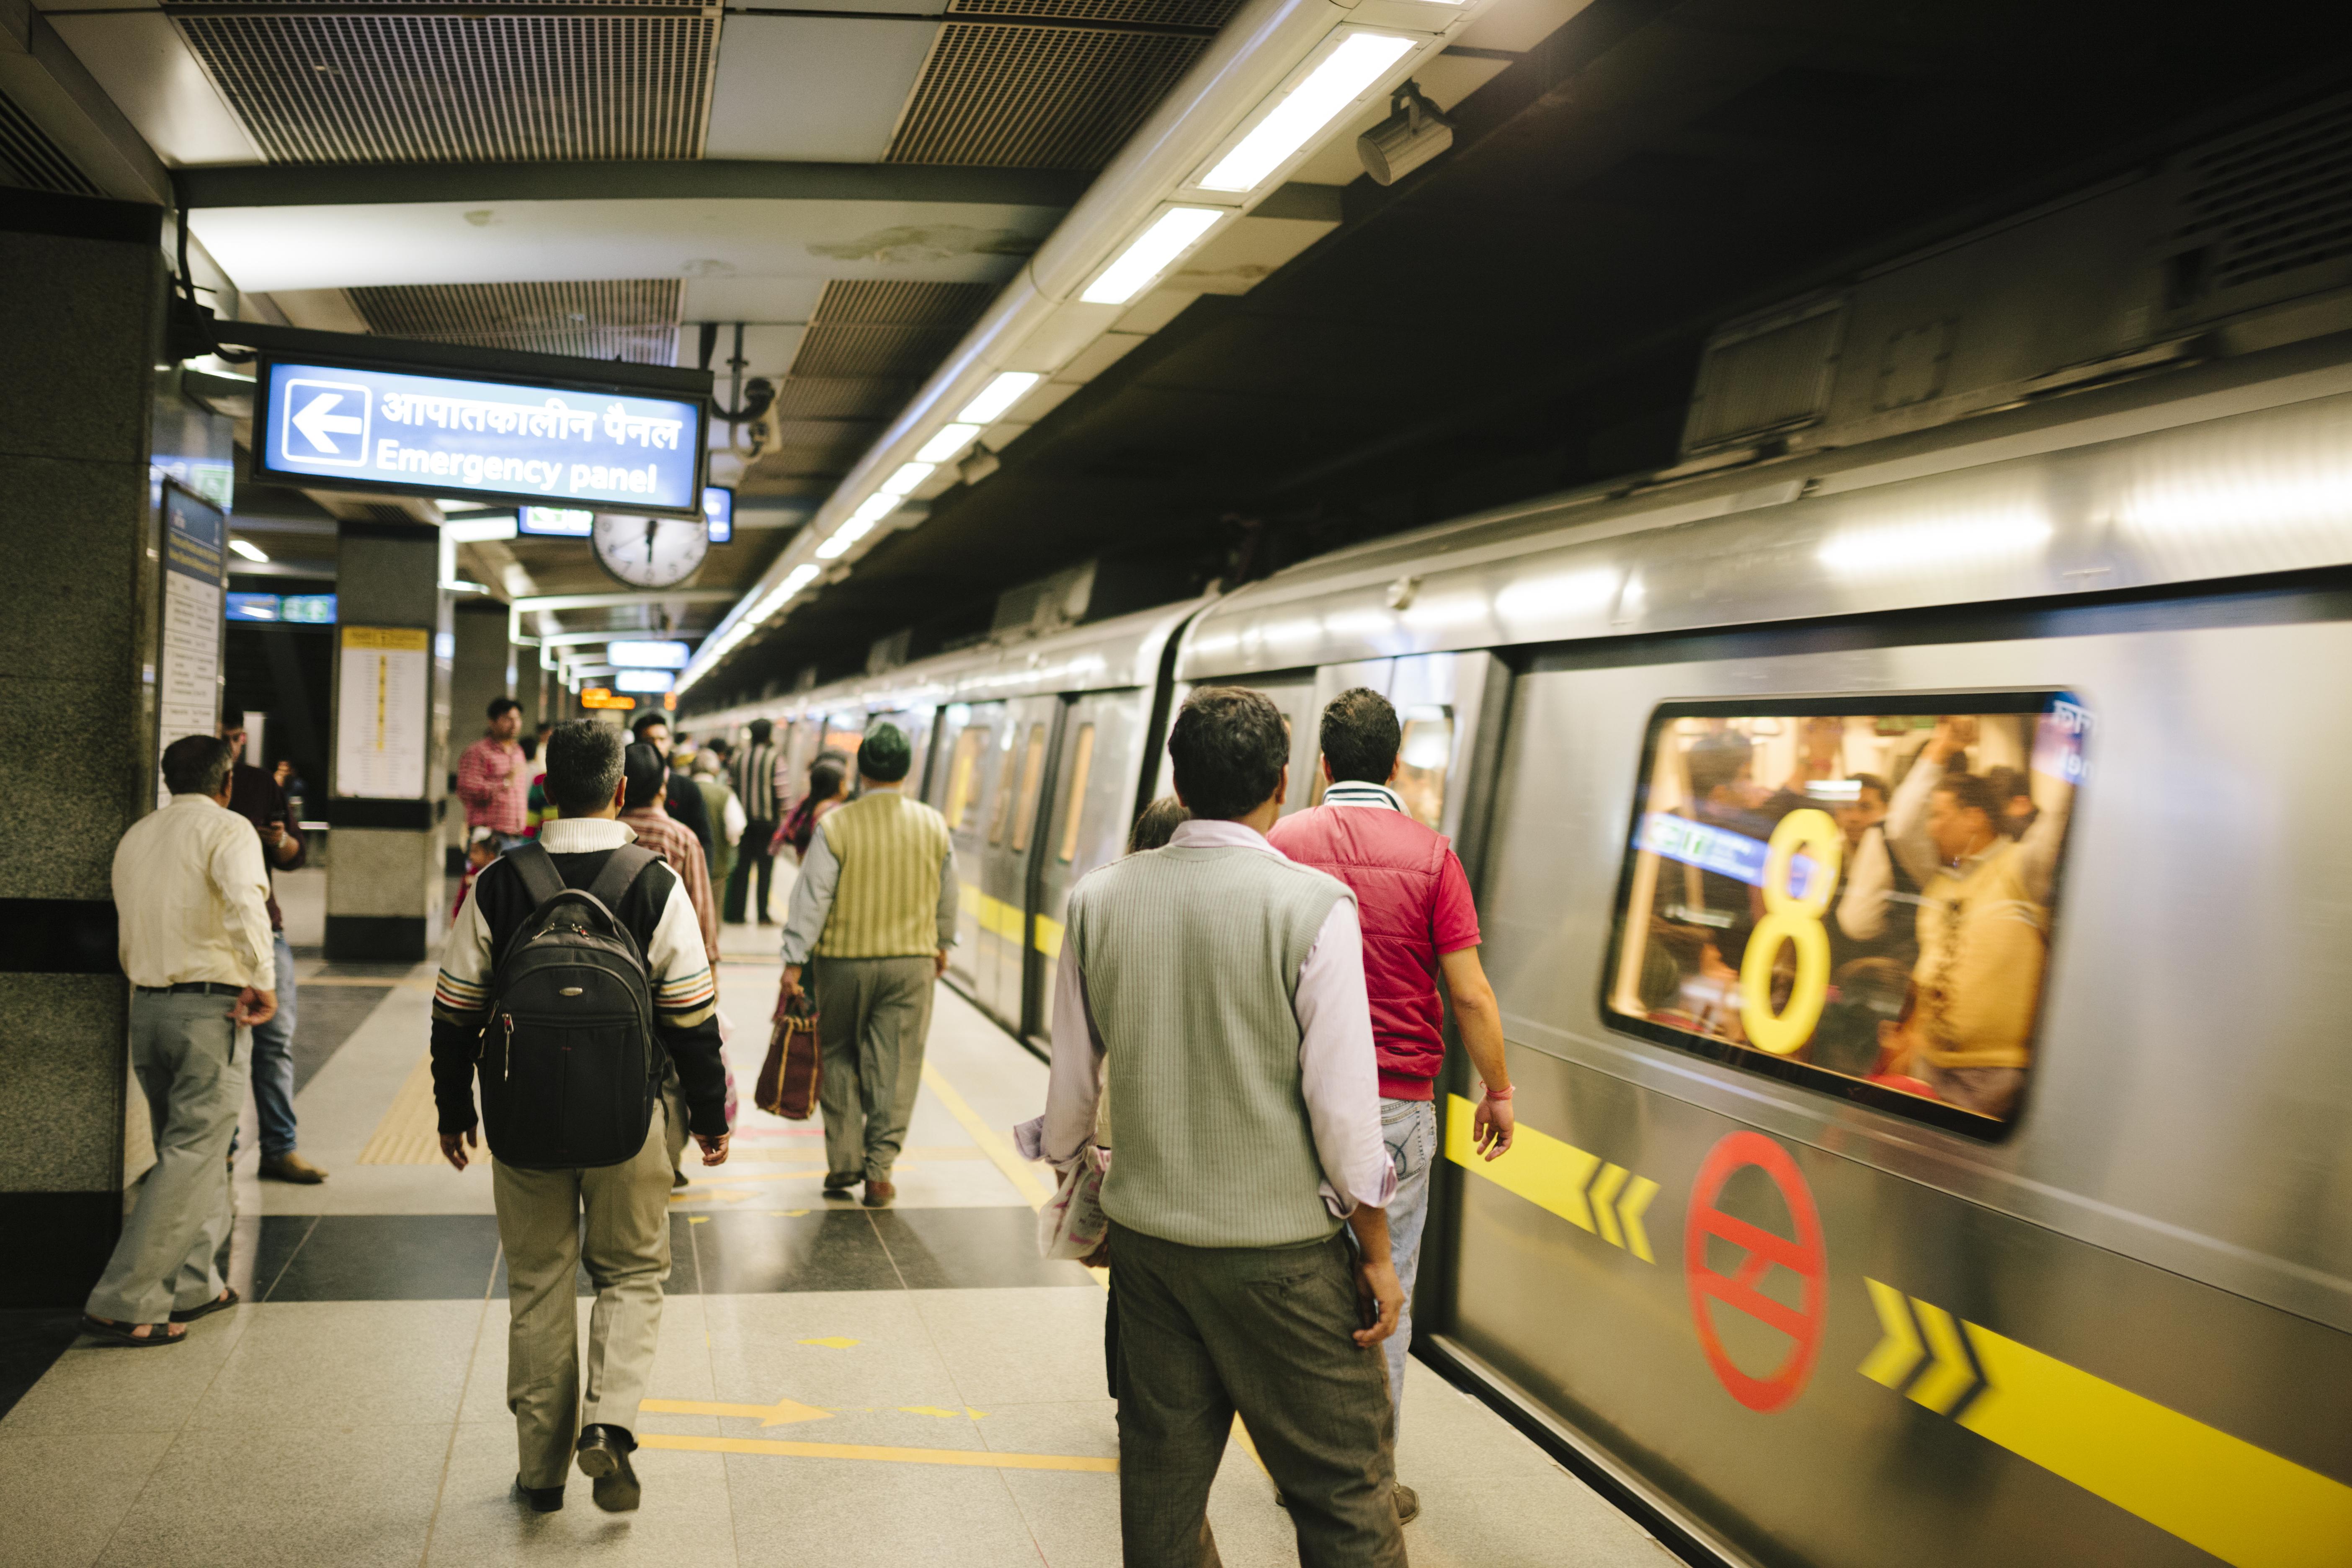 <p>6. Индия Чудесен начин за придвижване по време на пътуване е използването на обществен транспорт, тъй като можете да посетите няколко места по най-икономичния начин. В Индия минималната тарифа за закупуване на билет за метро е 10 рупии, еквивалентно на 13 цента, така че метрото е евтин начин за придвижване.</p>